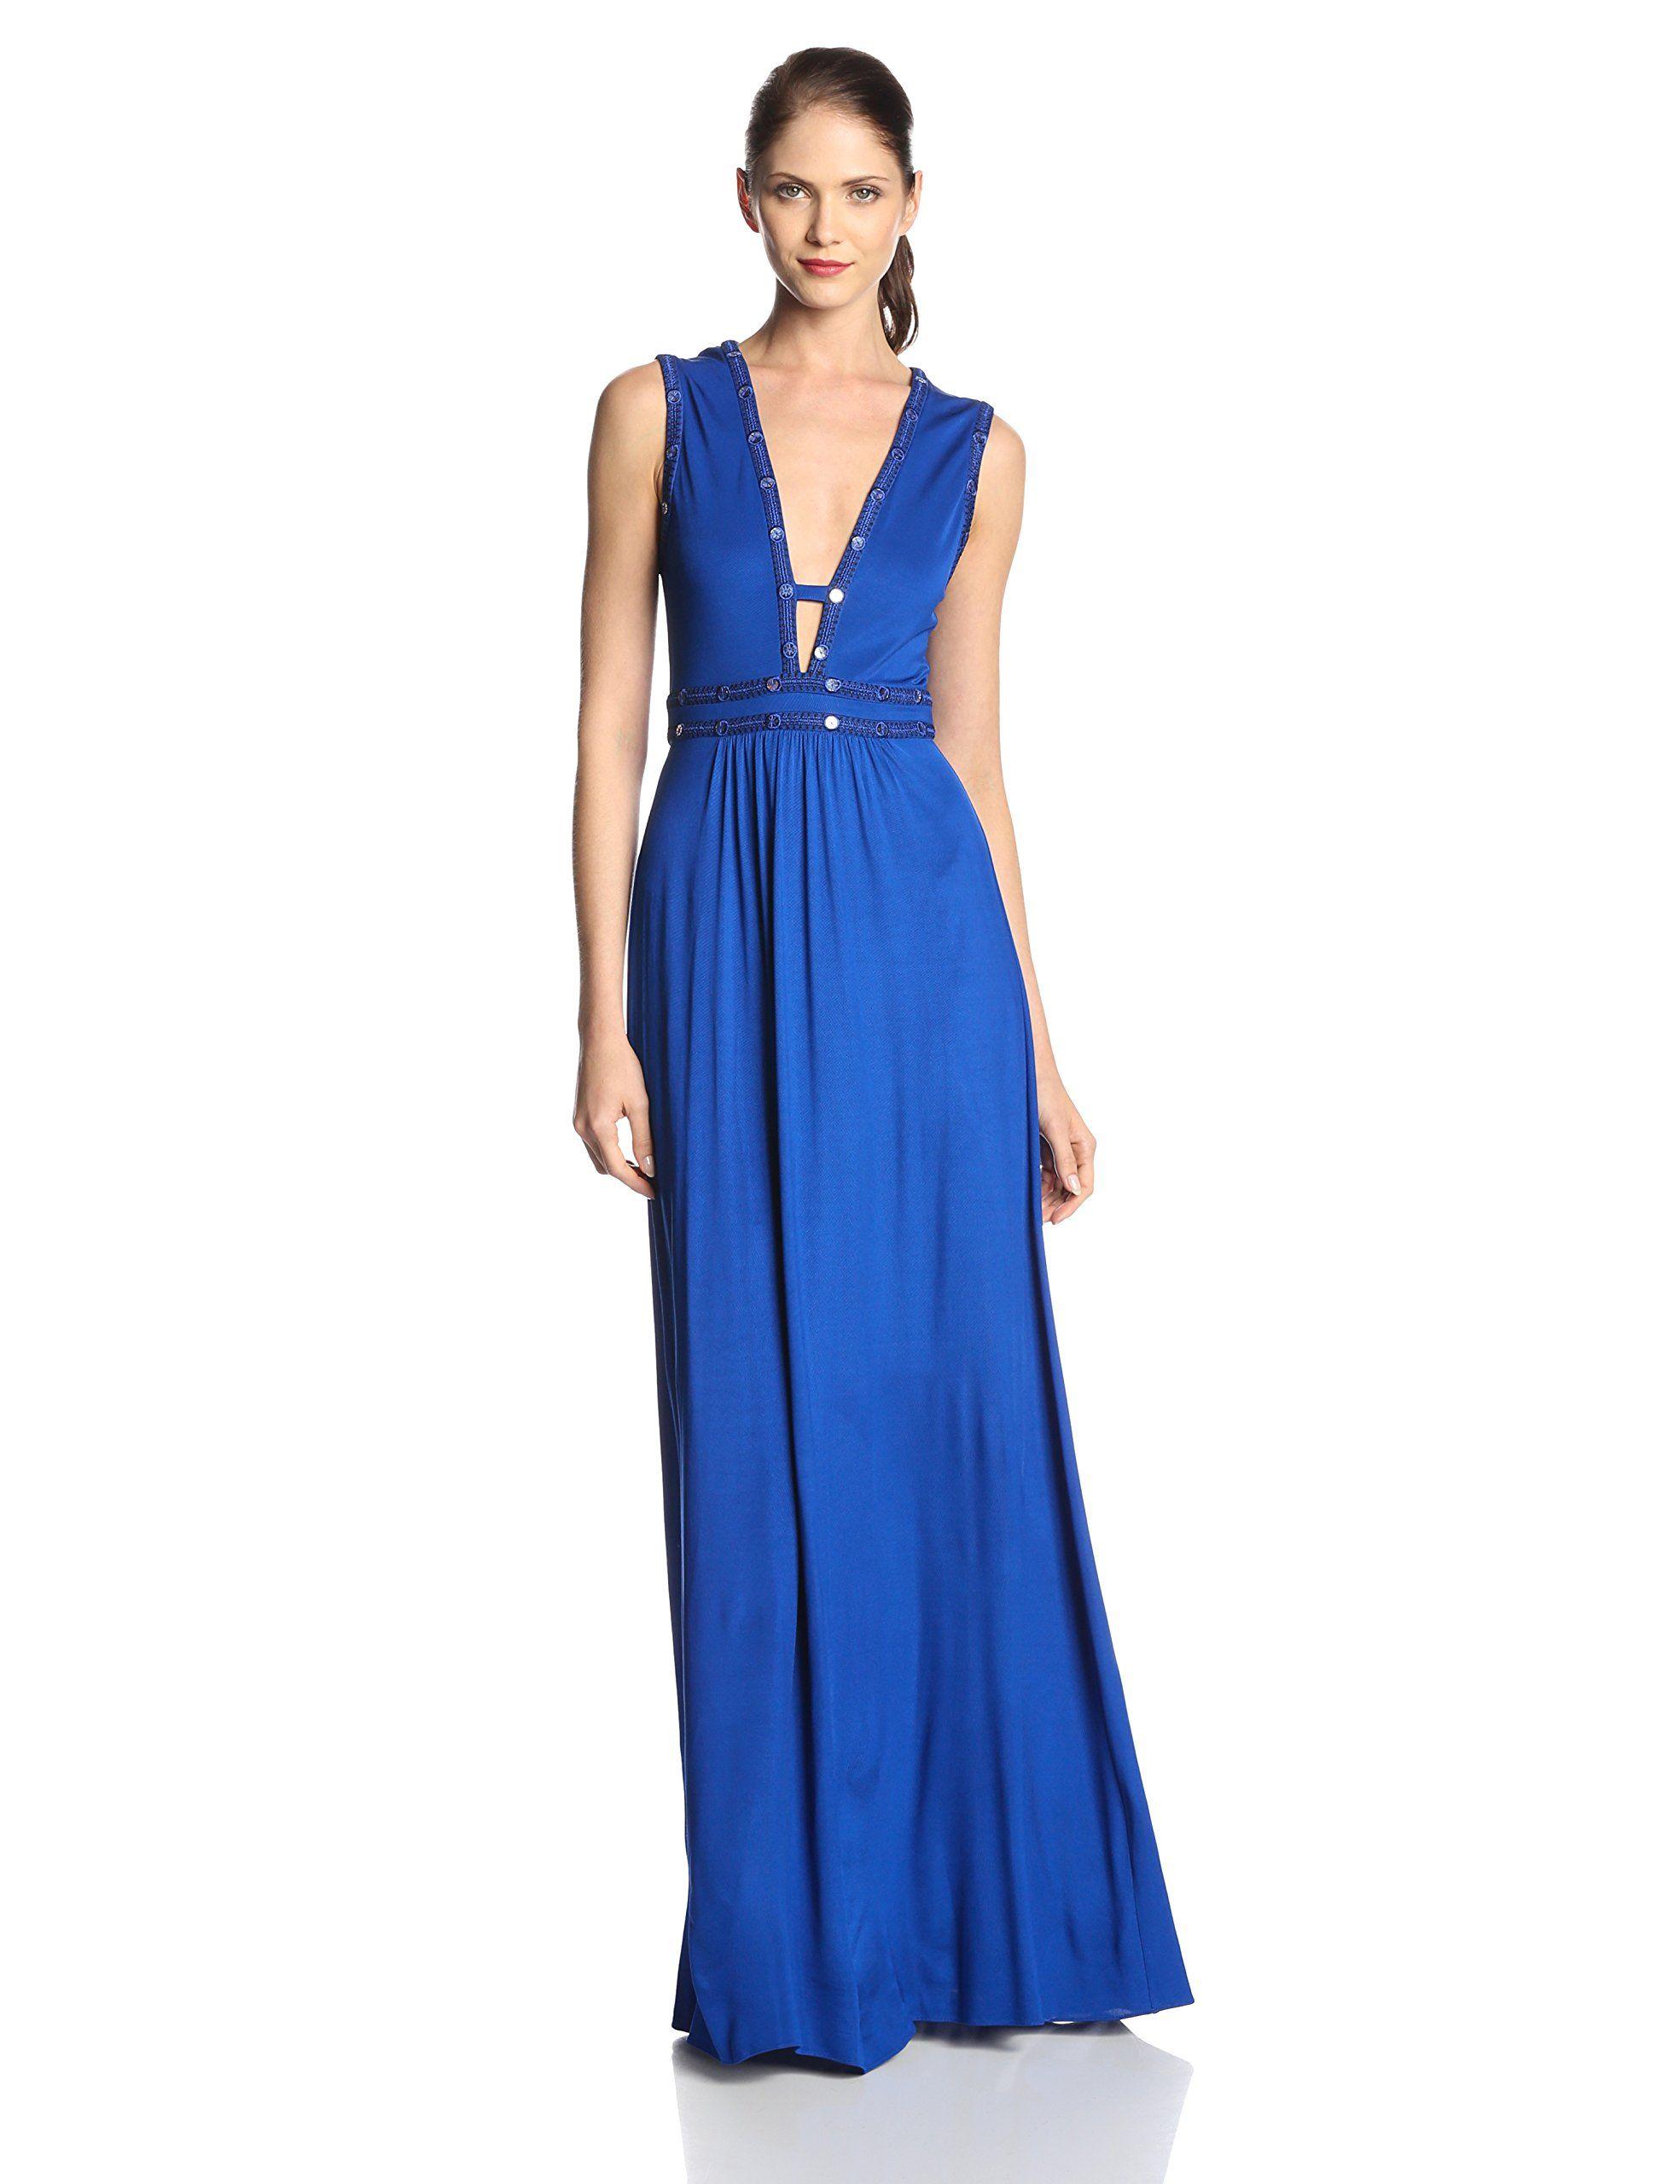 Bcbgmaxazria womenus juliette embellished vneck evening gown at